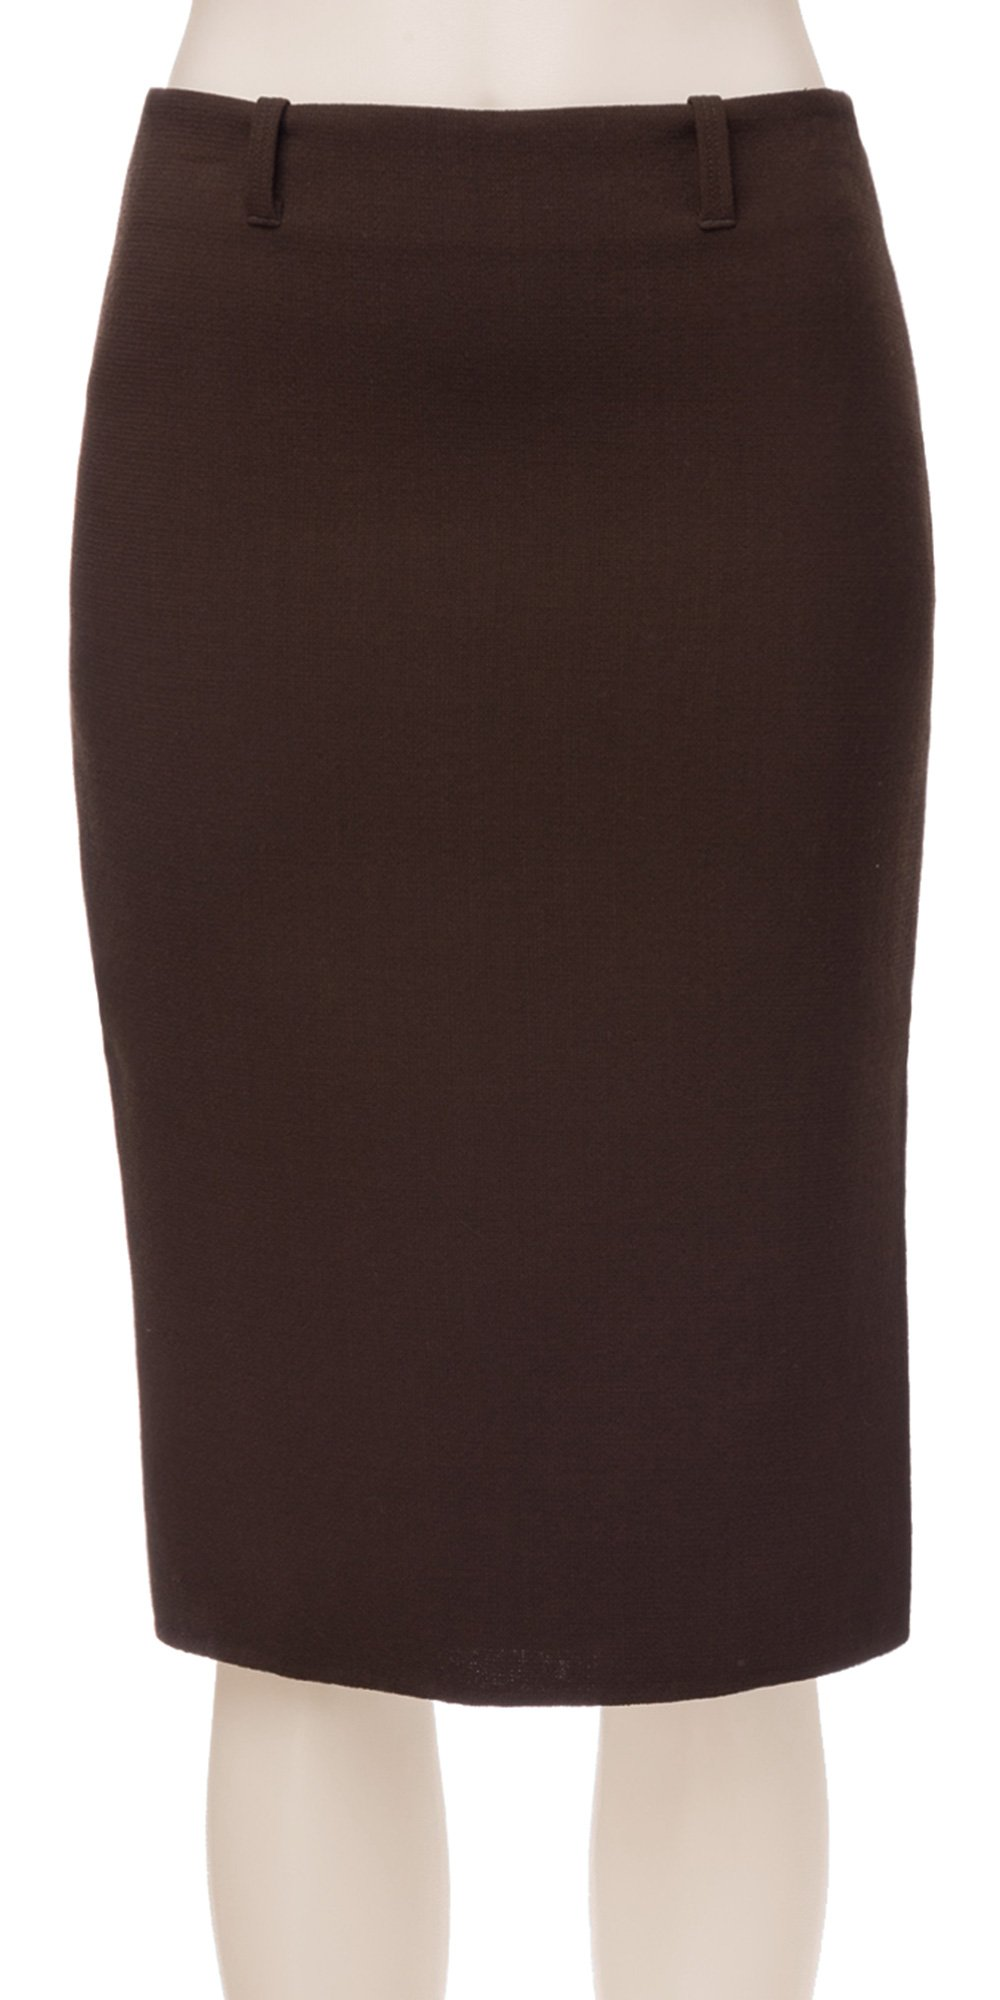 Double-weave Crepe Slim Skirt - 3108N15-DKBROWN-6